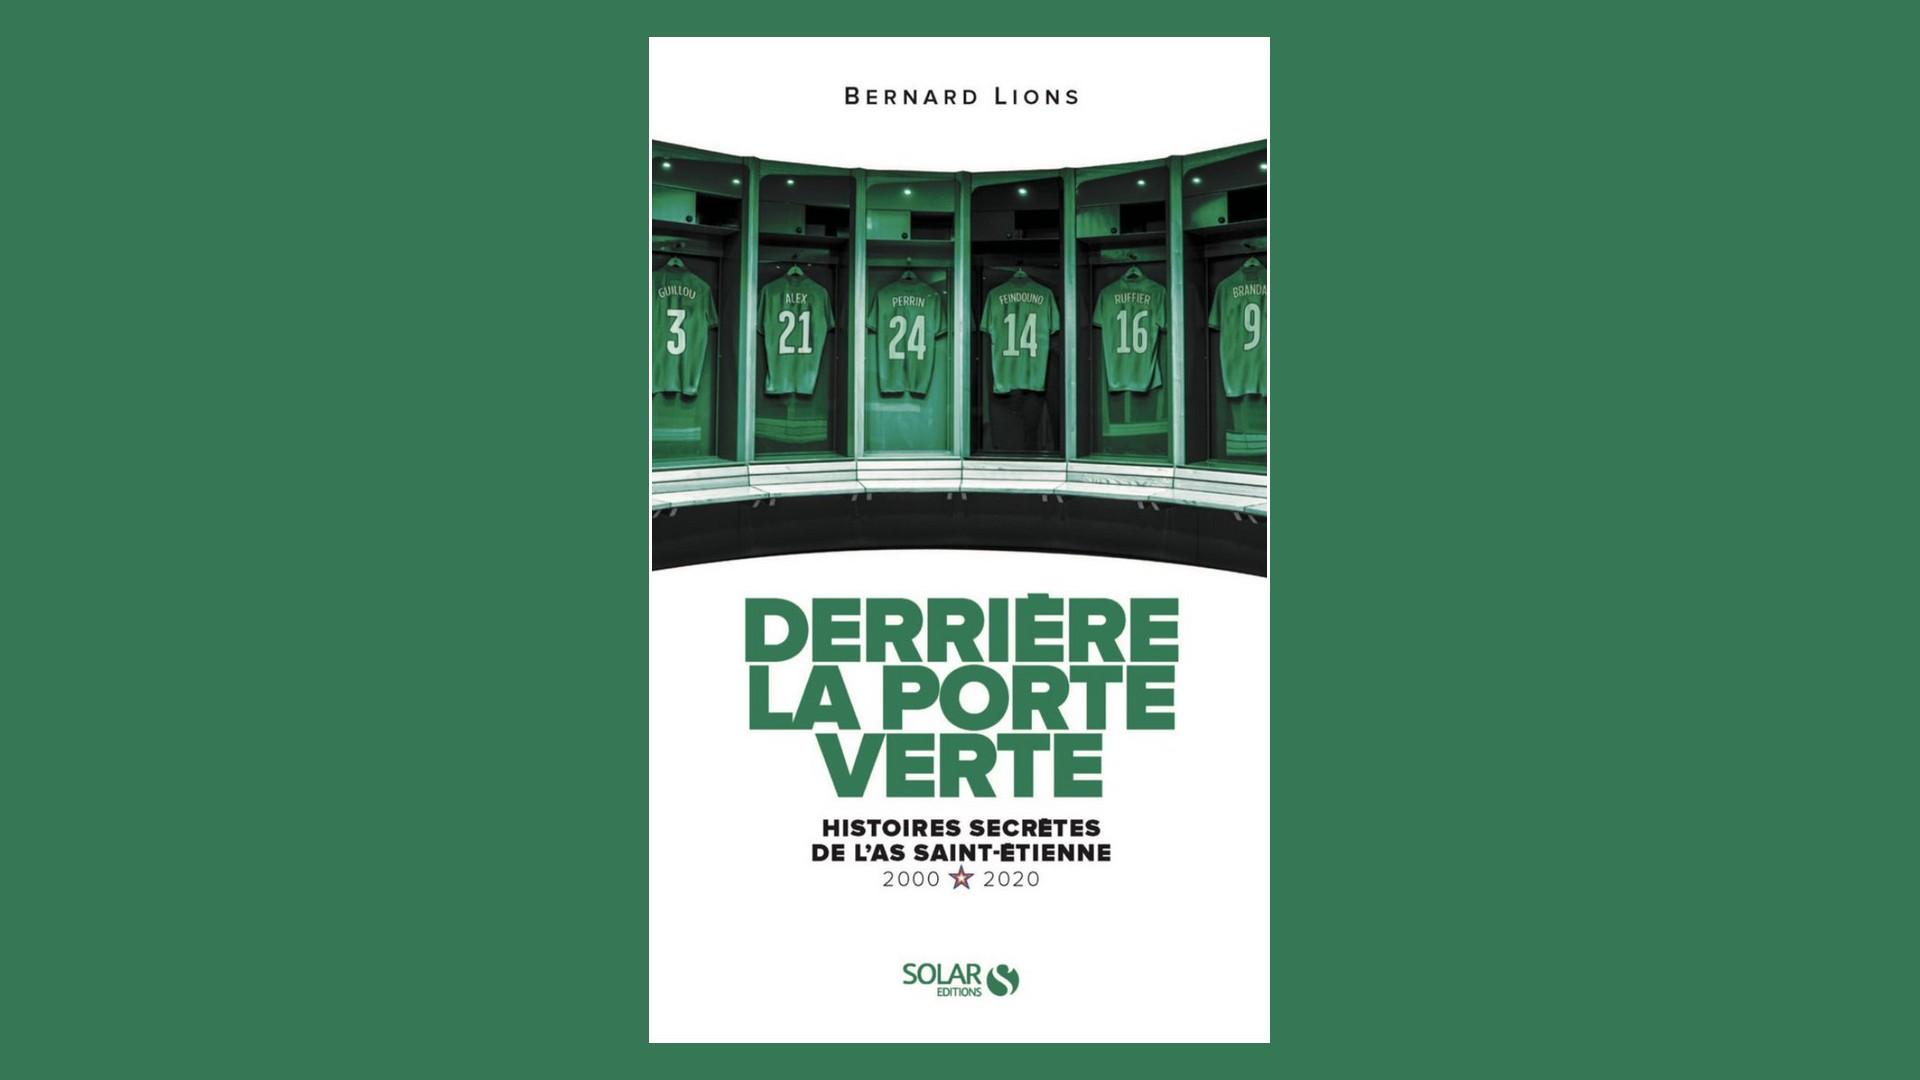 Livres – Derriere la porte verte – Bernard Lions (2021)